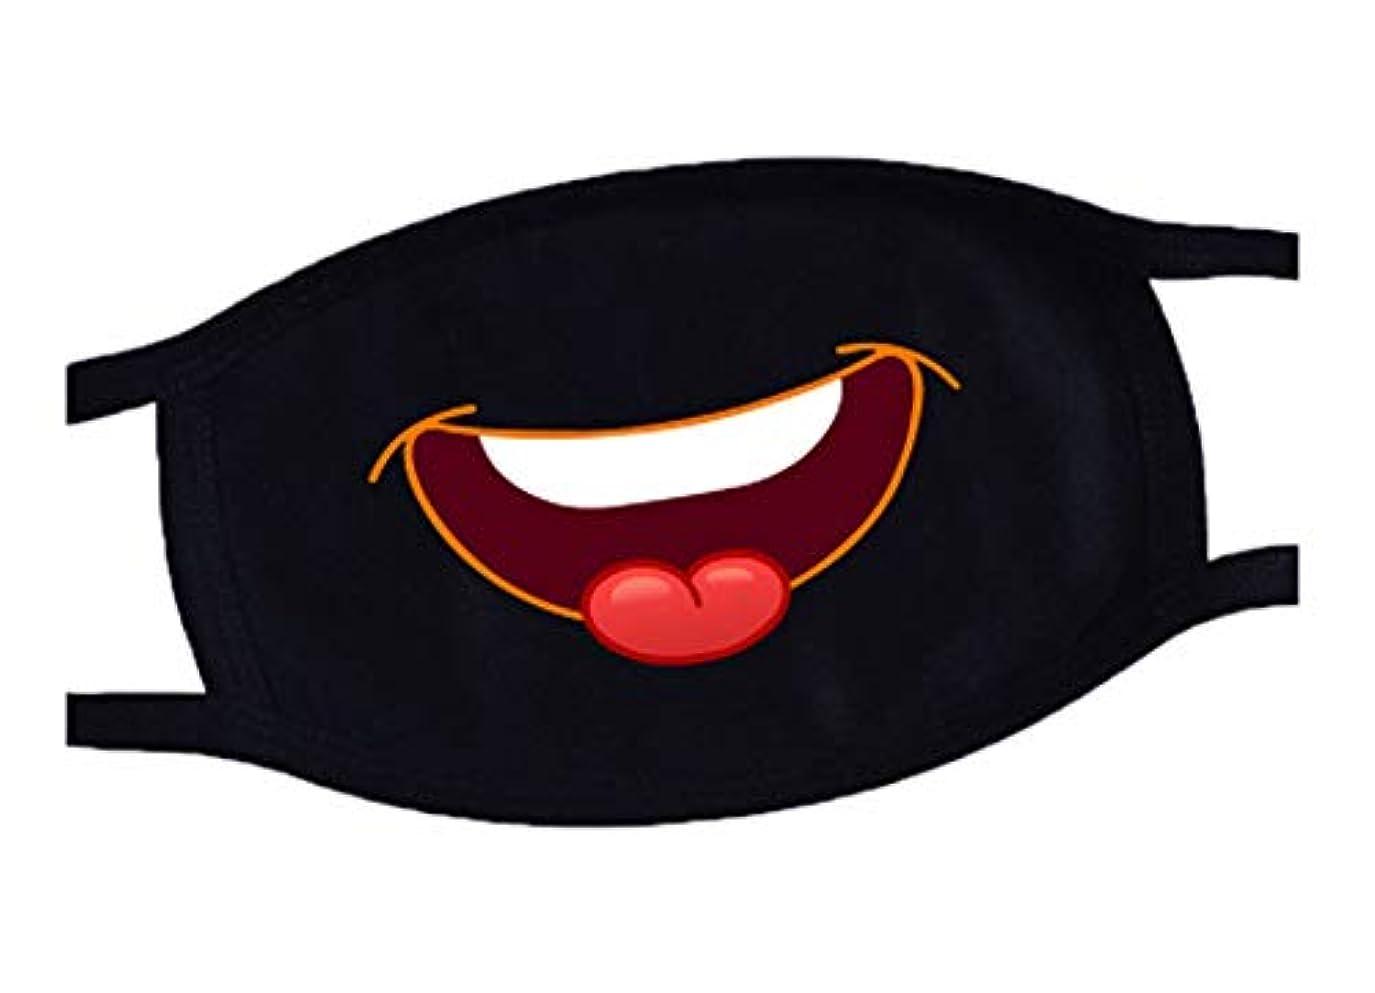 バトルサービス画家ブラック面白い口のマスク、かわいいユニセックスの顔の口のマスク、ティーンズ、F1